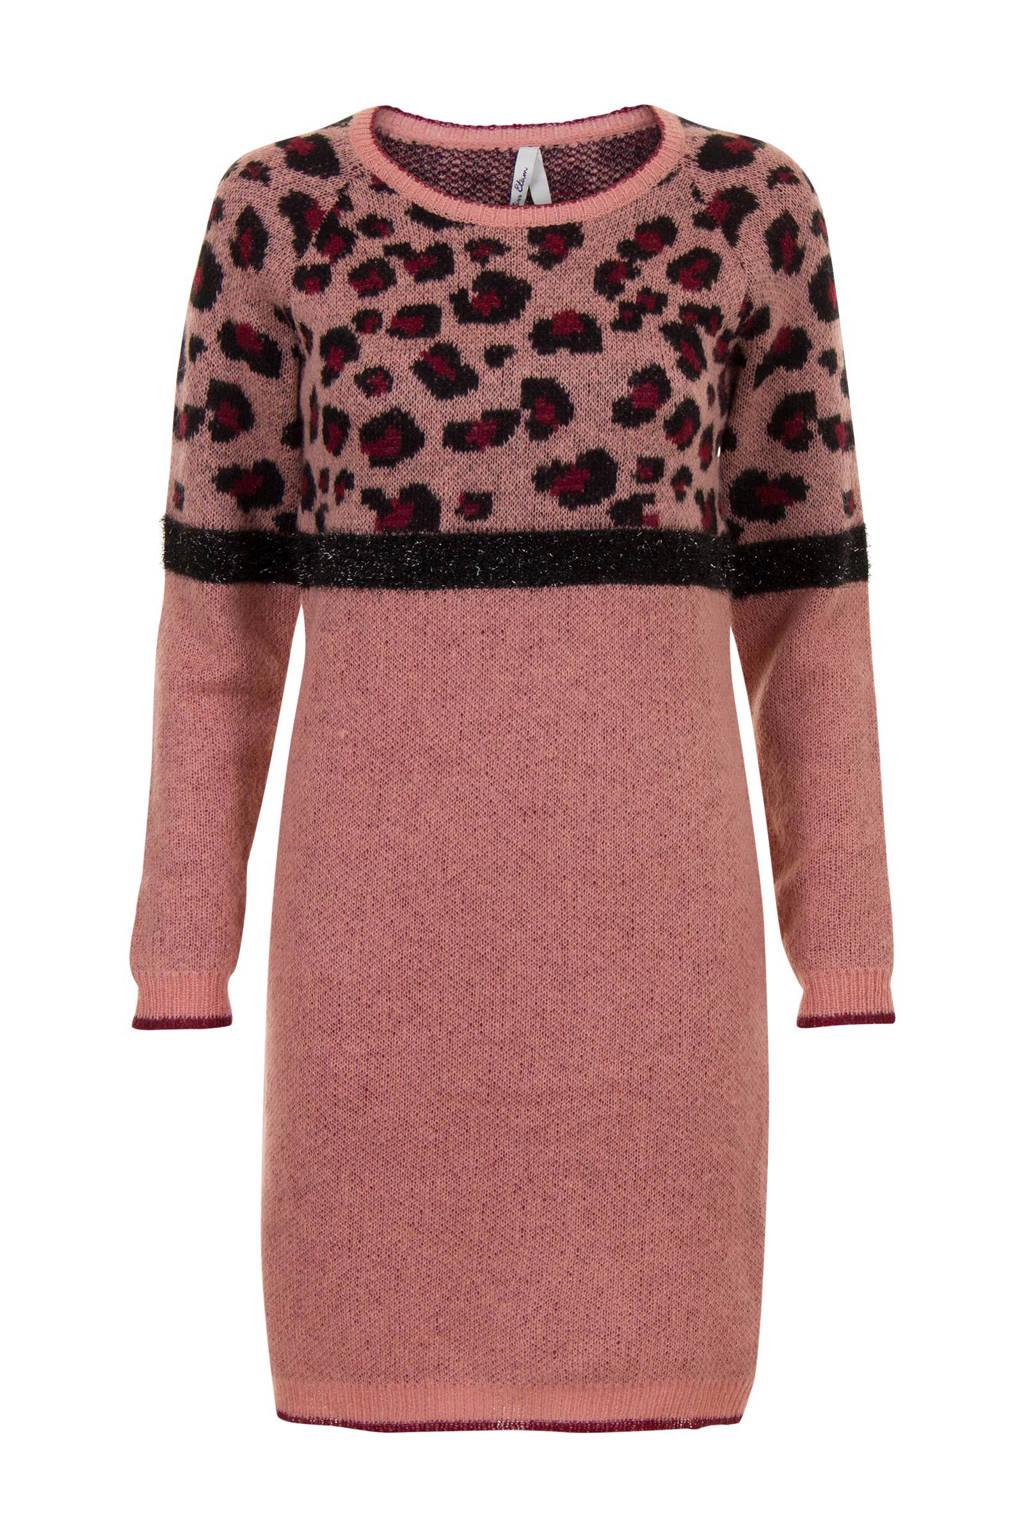 e64da42a10a328 Miss Etam Regulier jurk met mohair